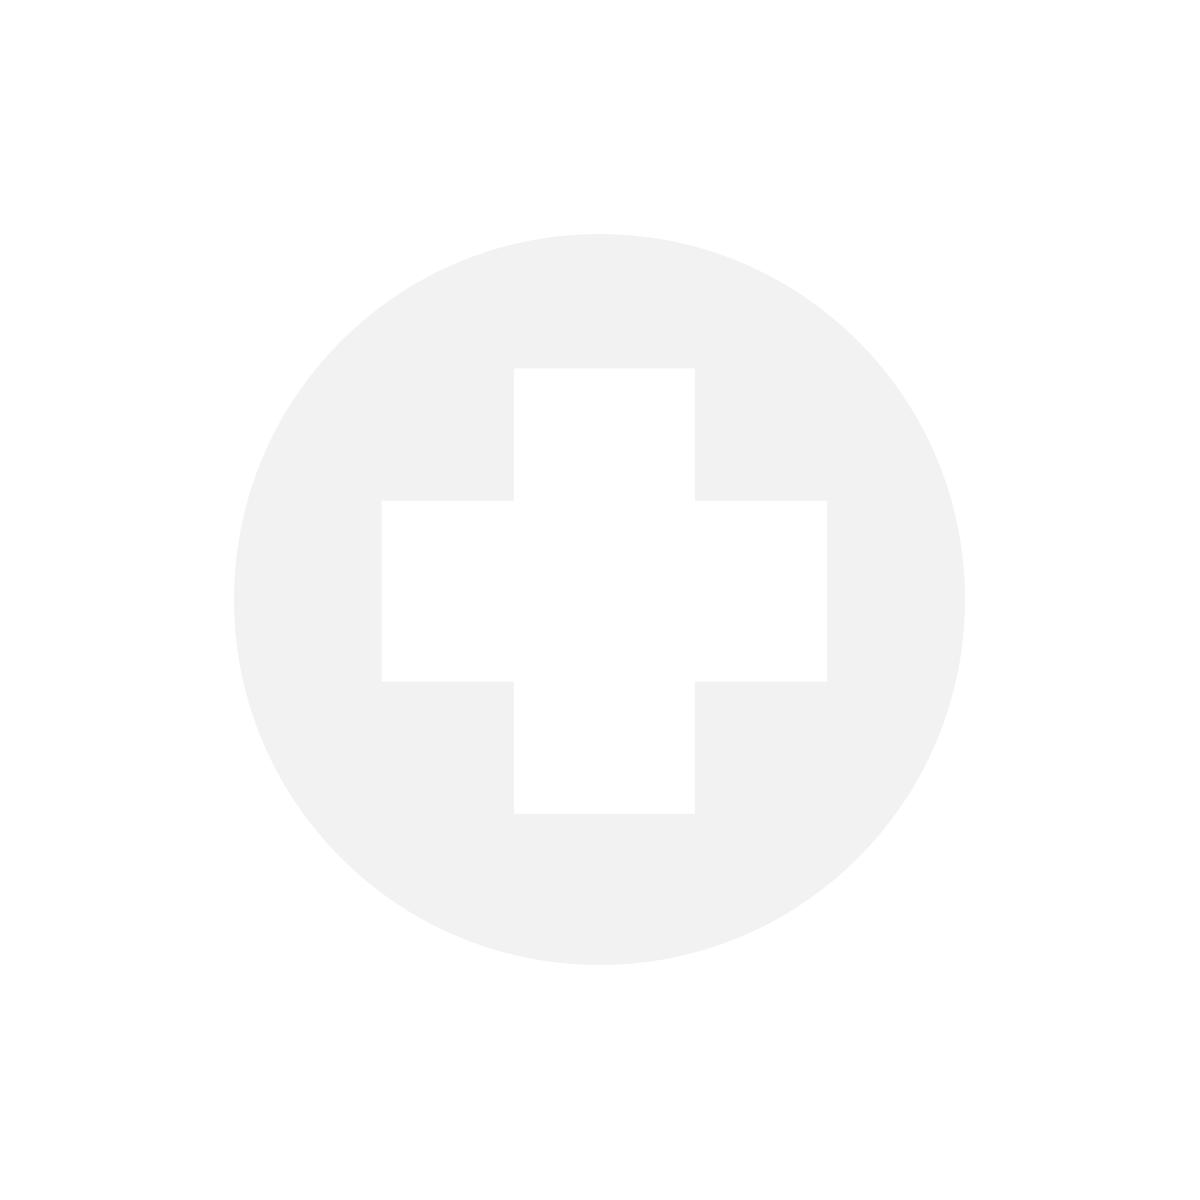 Chargeur pour EMP2, TENS, Urostim, XTR2, XTR4